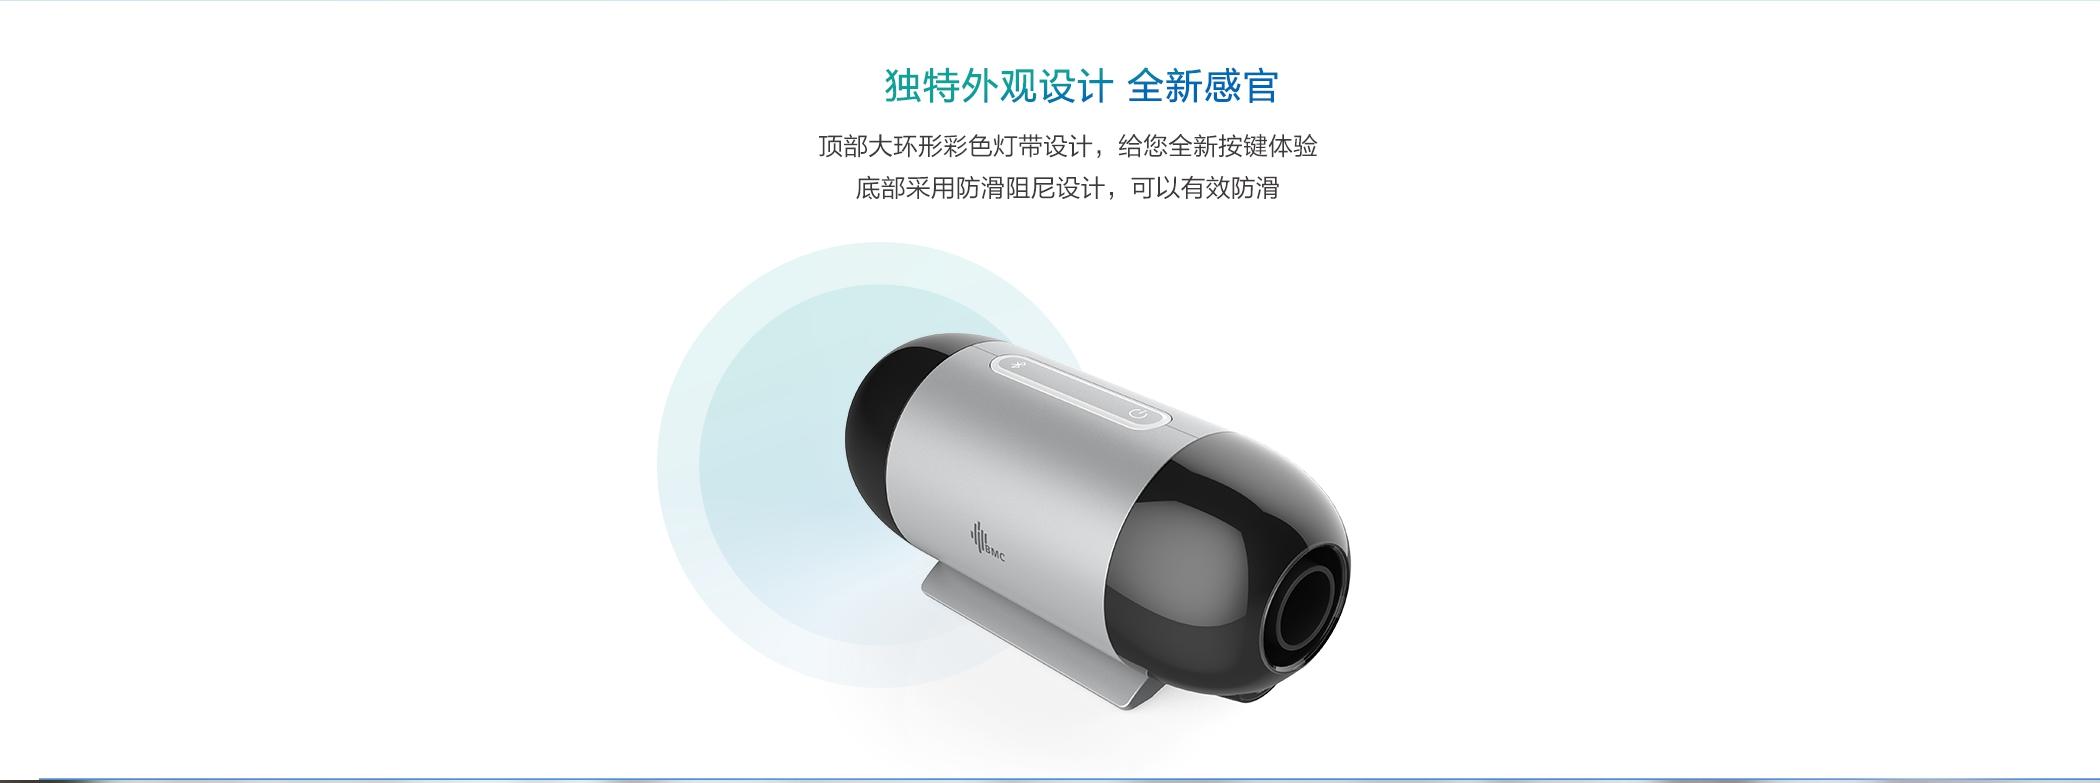 BMC Mini呼吸機,便攜式呼吸機